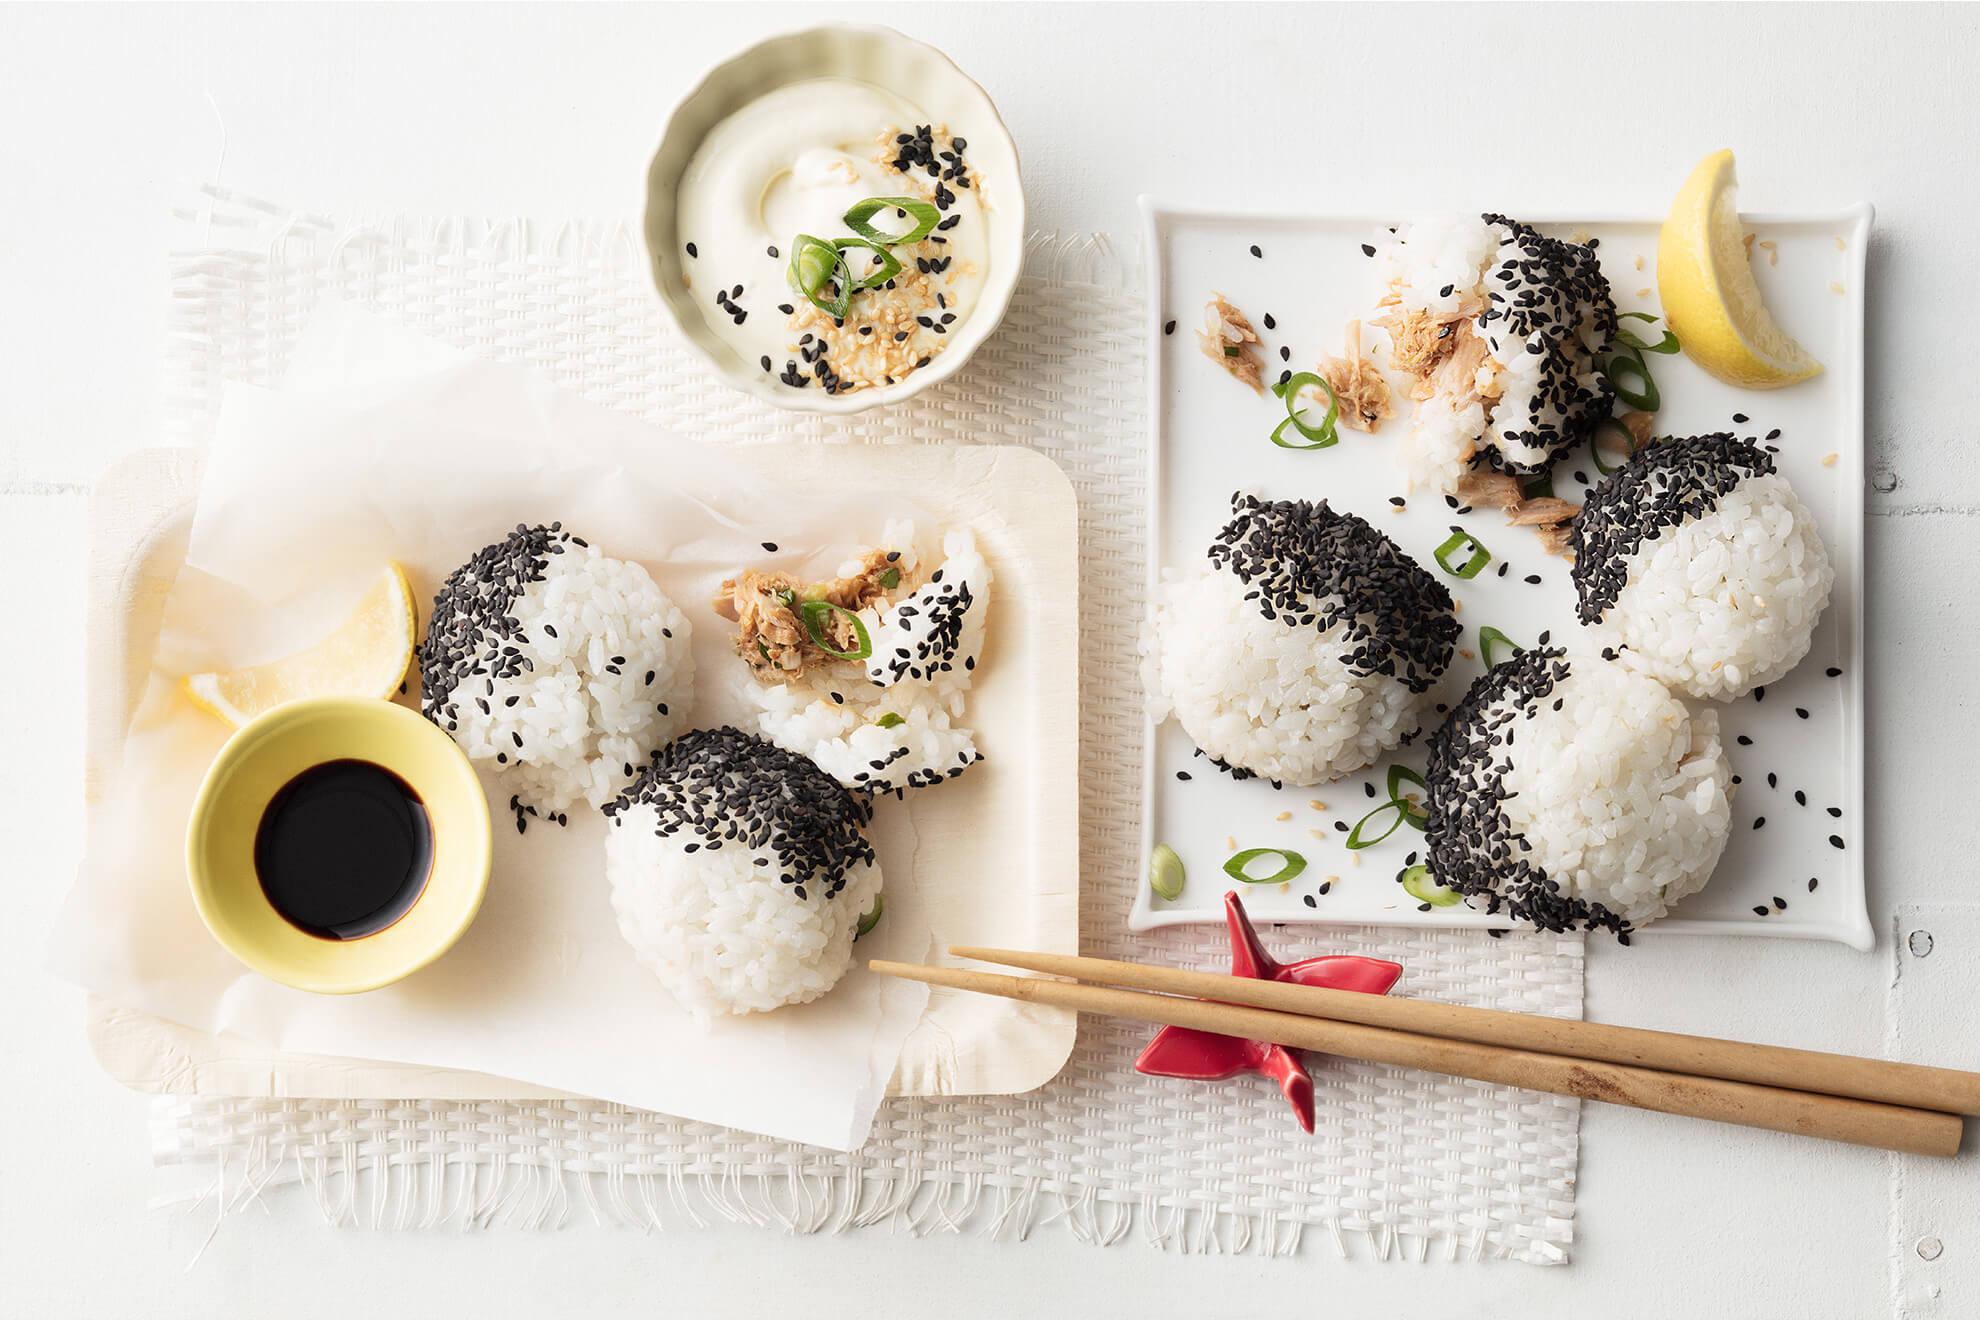 SIRENA Japanese Tuna and Sesame Balls with Wasabi Mayonnaise Dip